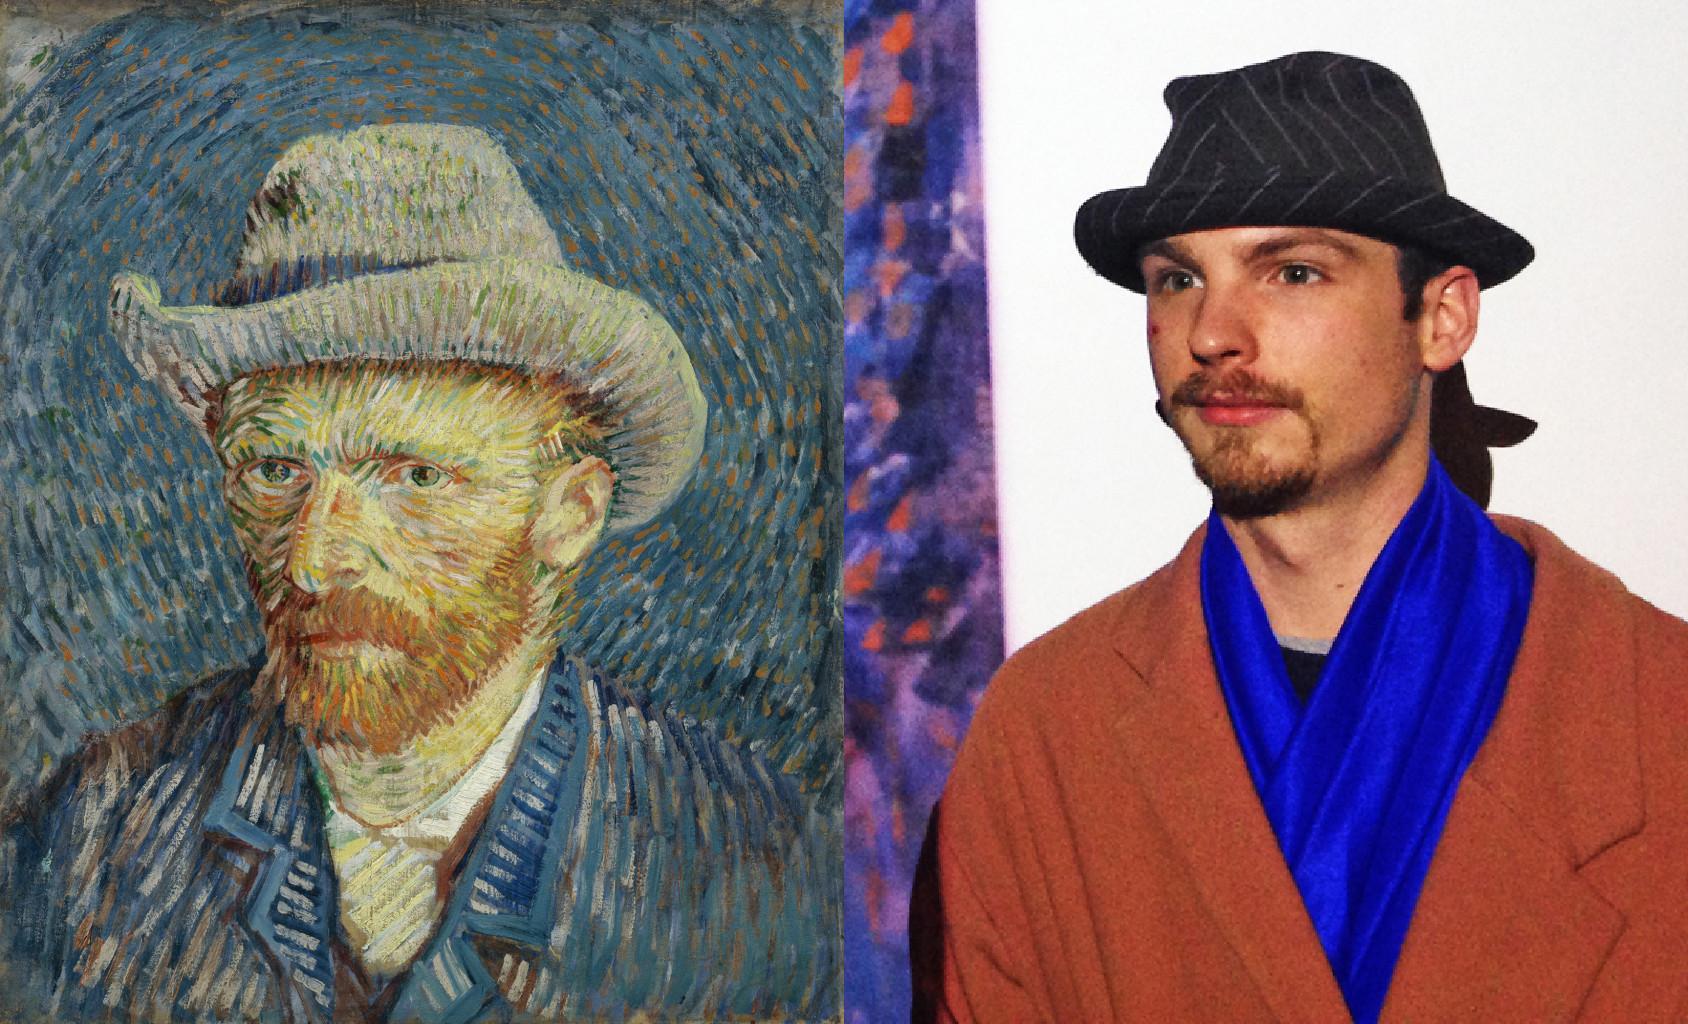 Self-Portrait with Grey Felt Hat, Vincent van Gogh (1853-1890) vanGo'd by Claire